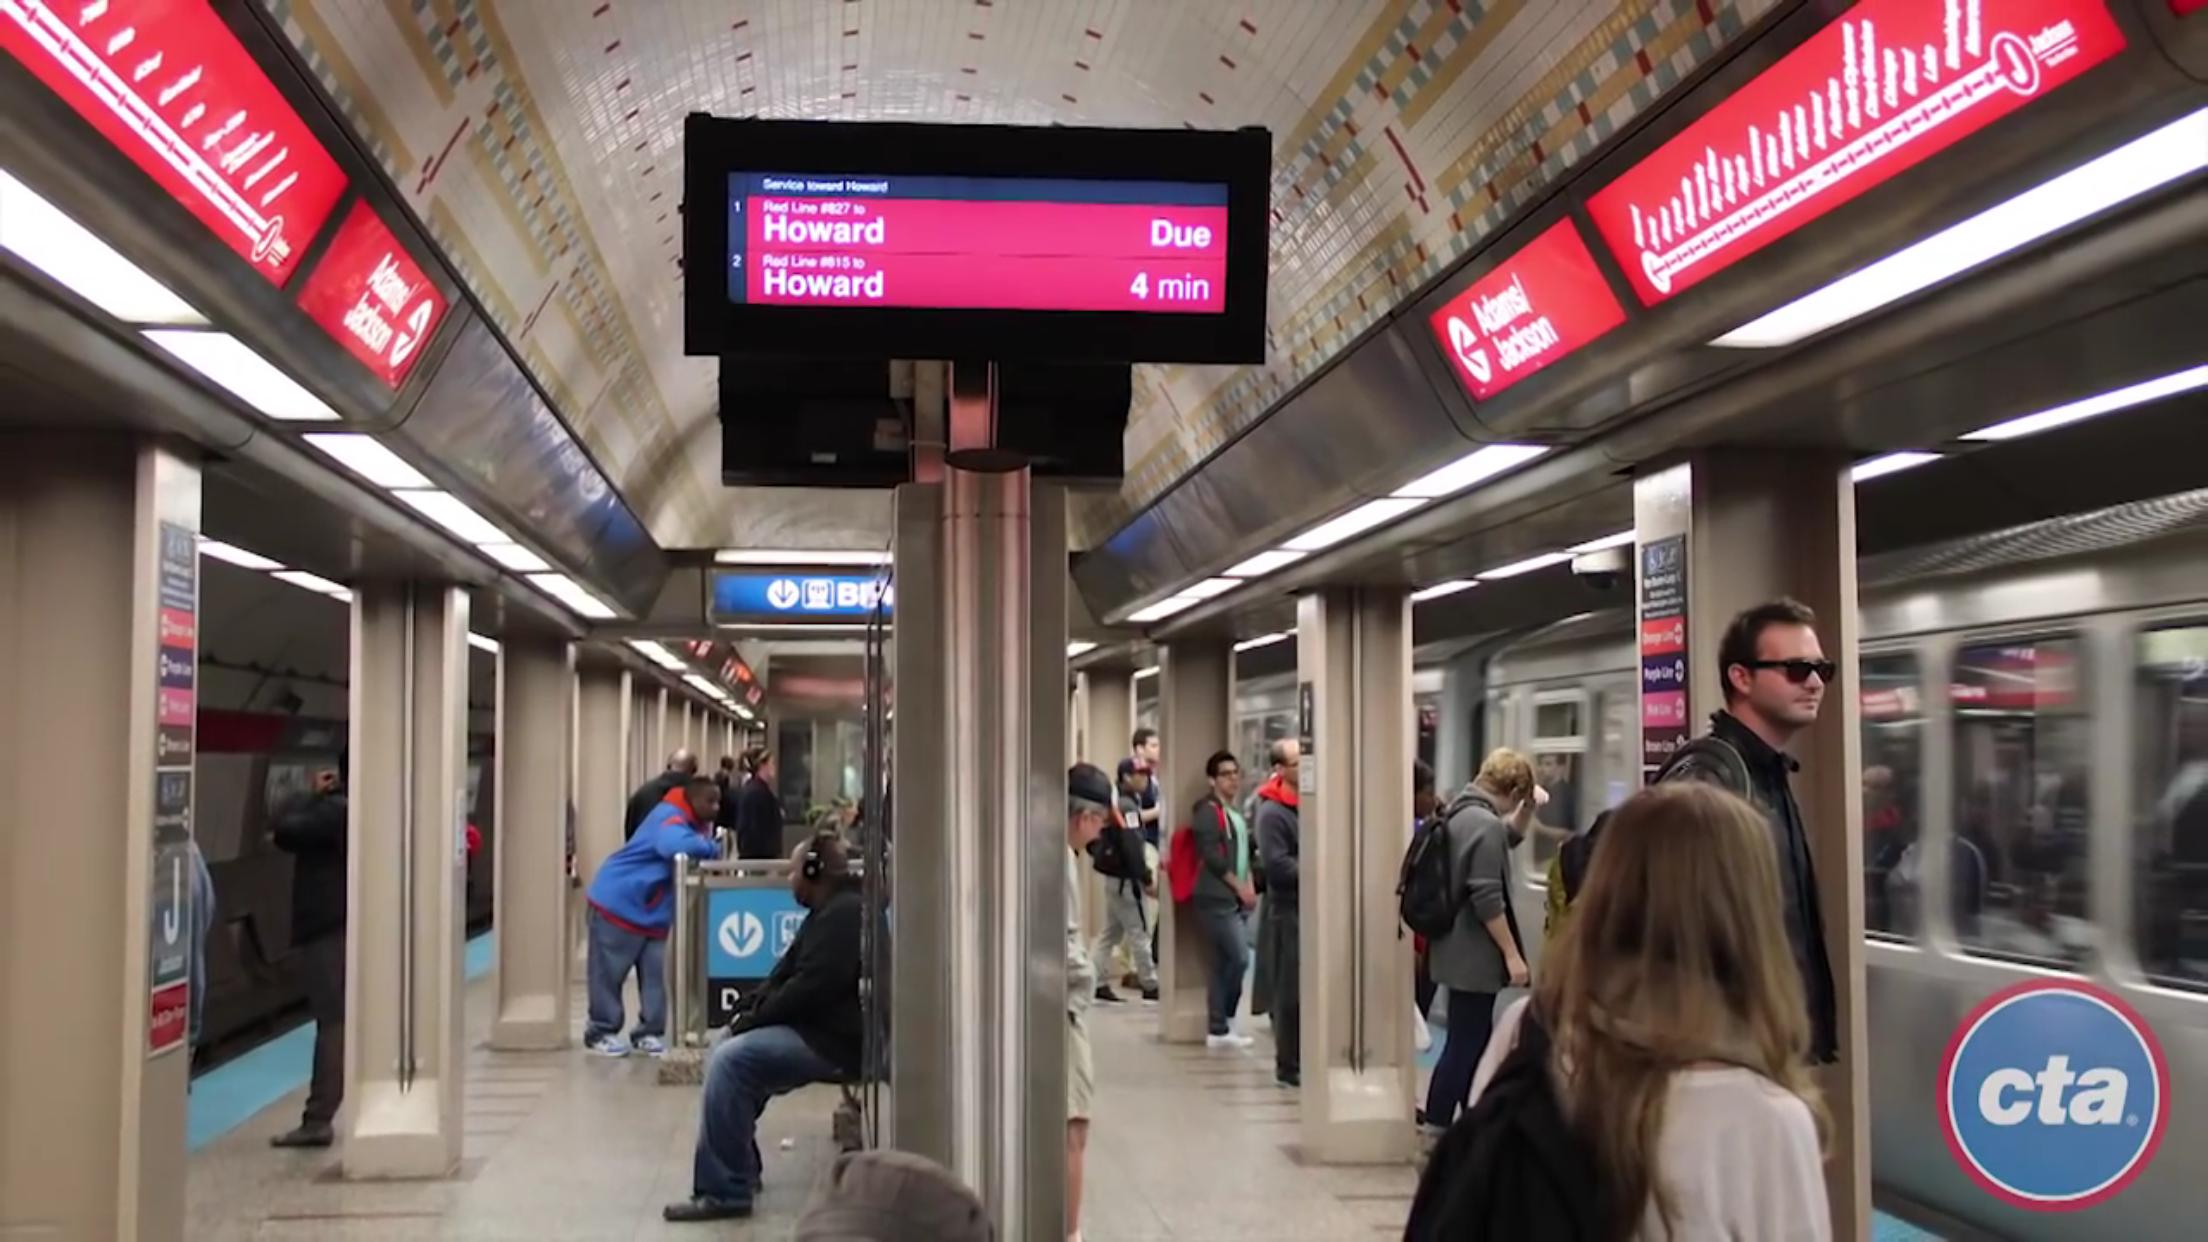 至少兩名中國留學生,在芝加哥捷運車廂、捷運站附近被搶劫。(CTA官網截圖)